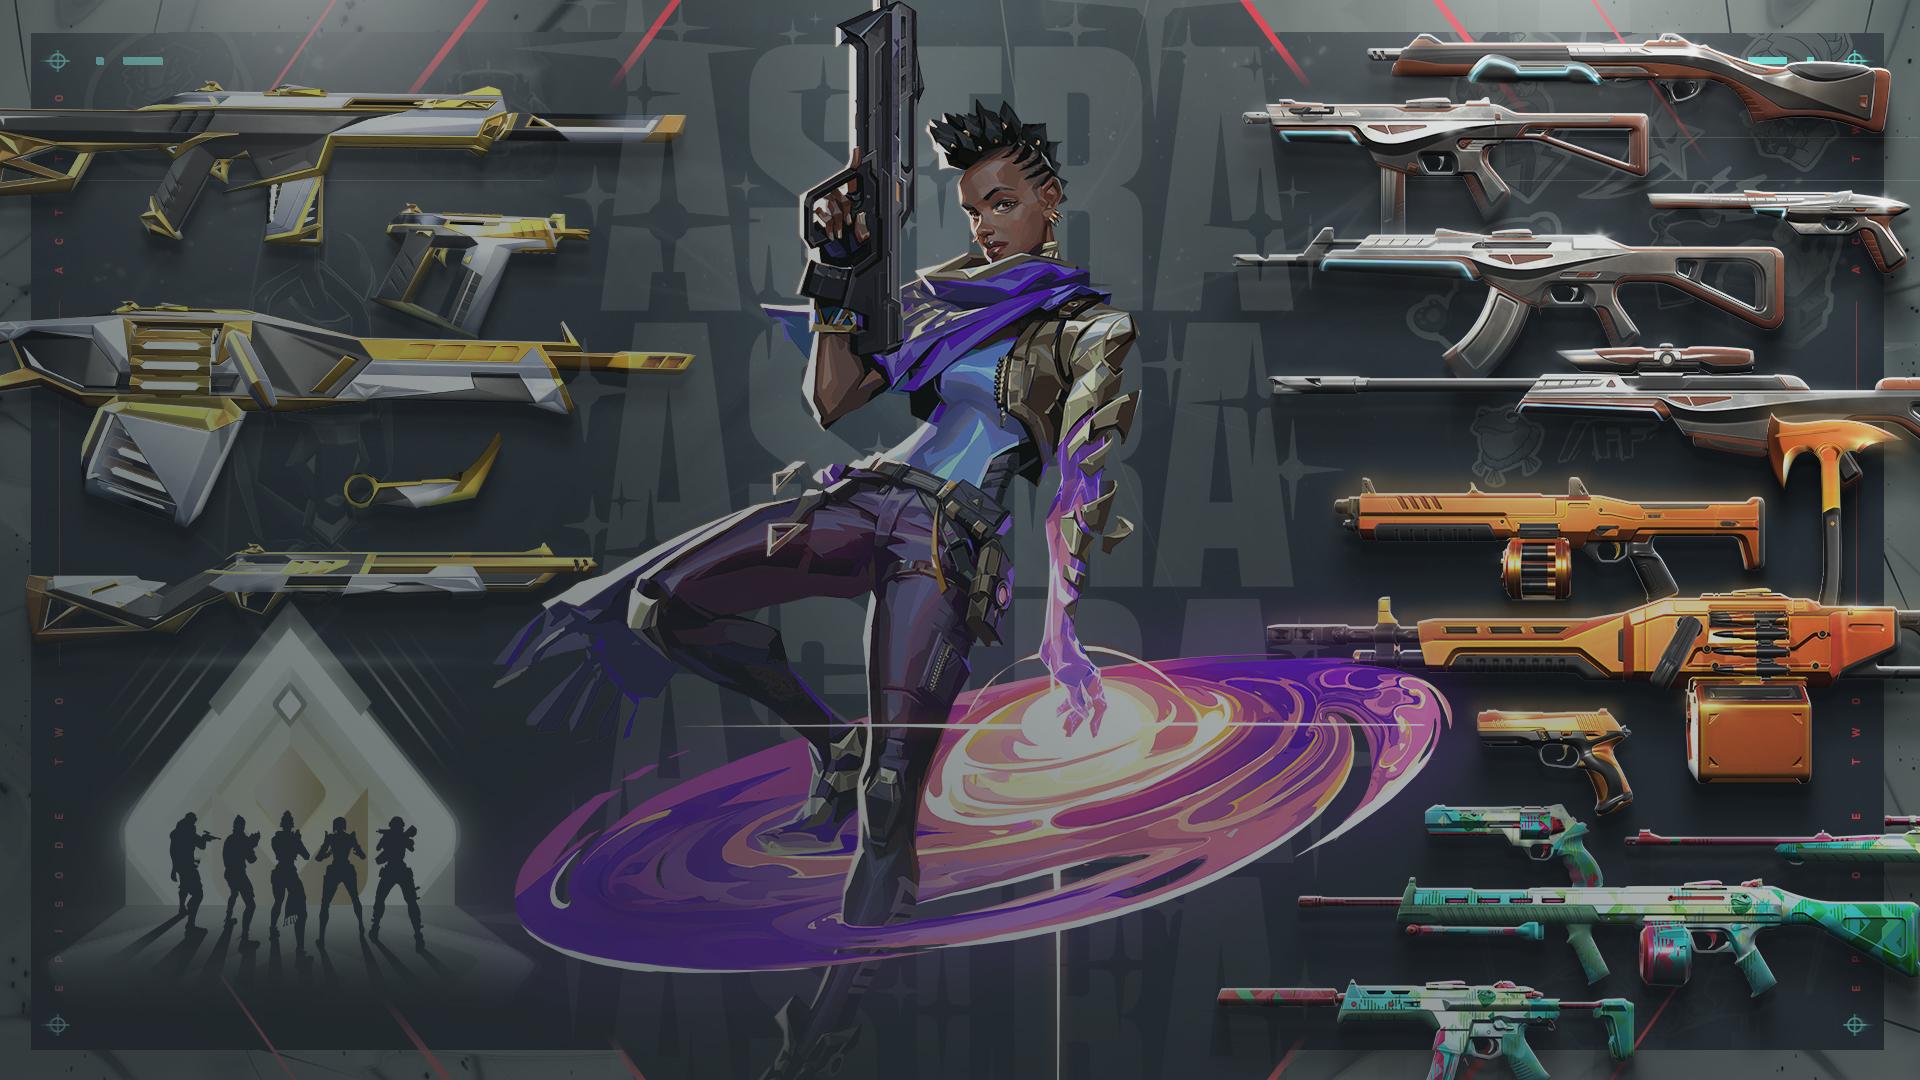 """「VALORANT」最新アップデート""""エピソード2 Act2""""が本日実装。宇宙の力を操る新エージェント""""アストラ""""のゲームプレイトレイラーも"""